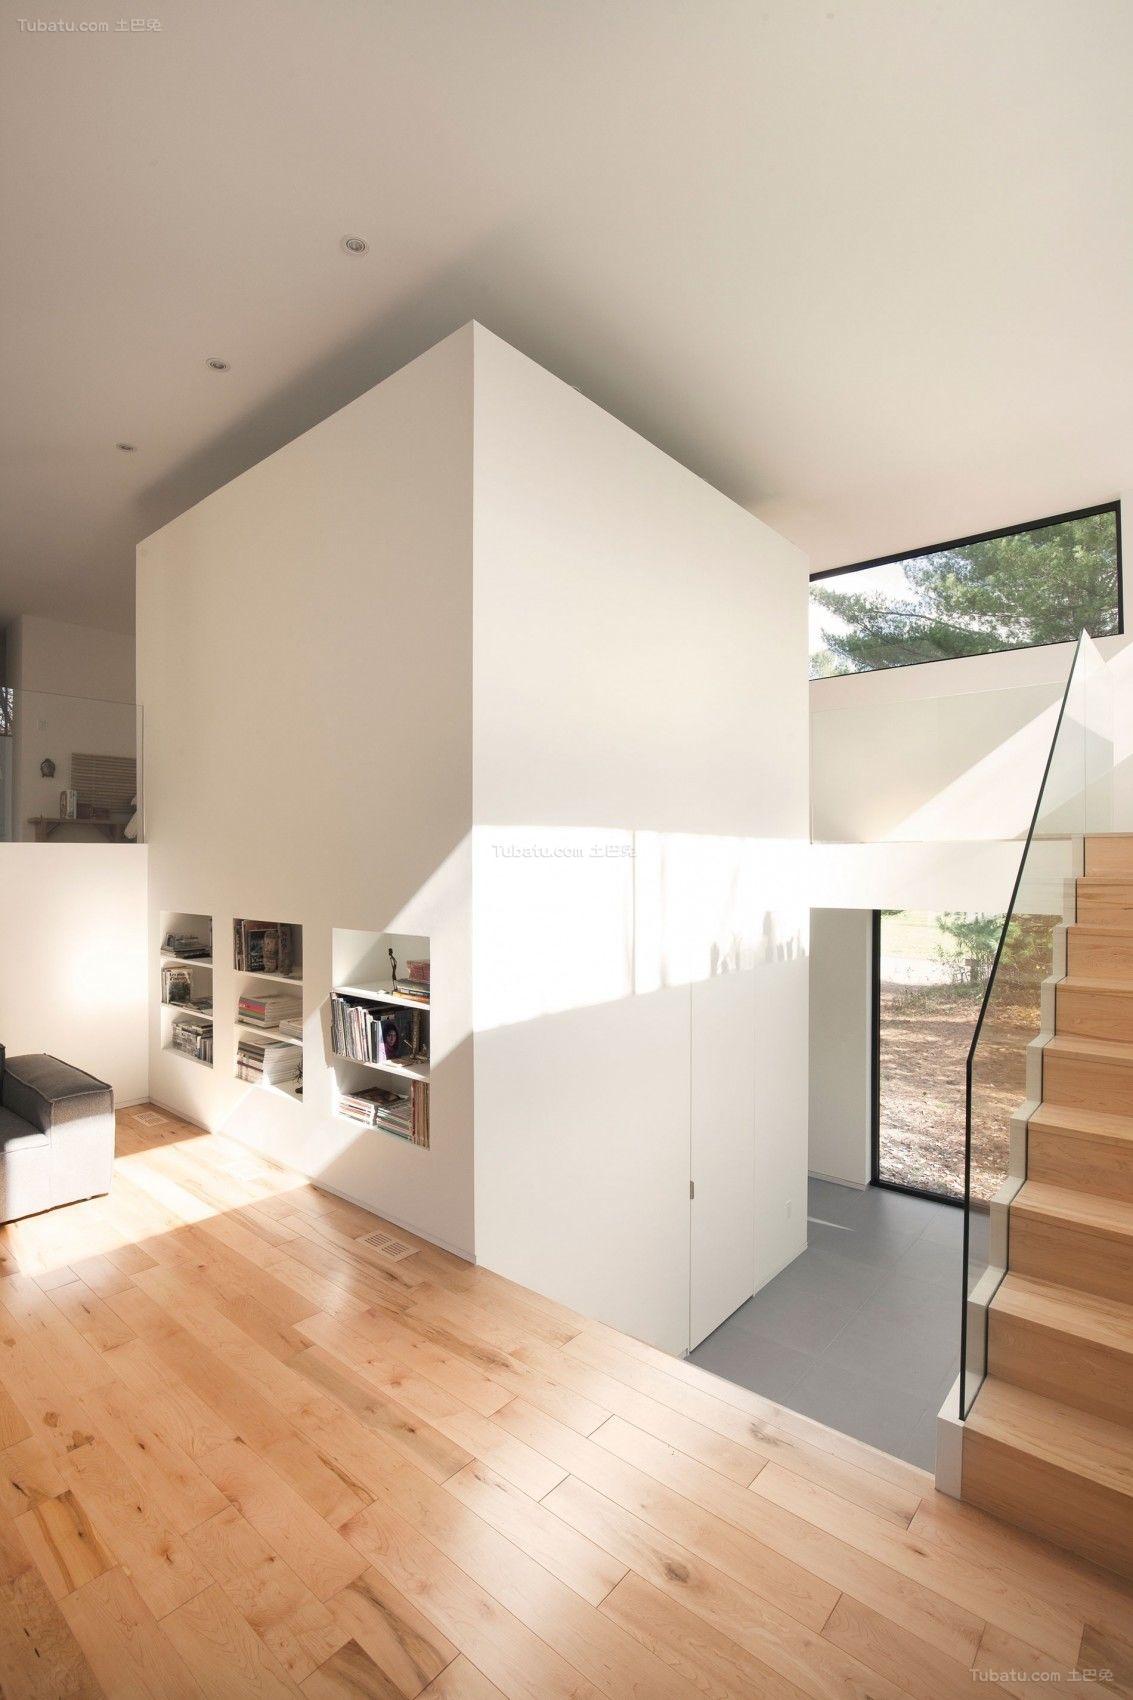 晒晒新房,酒柜、书柜合体做隔断,收纳空间翻倍,三房变四房!